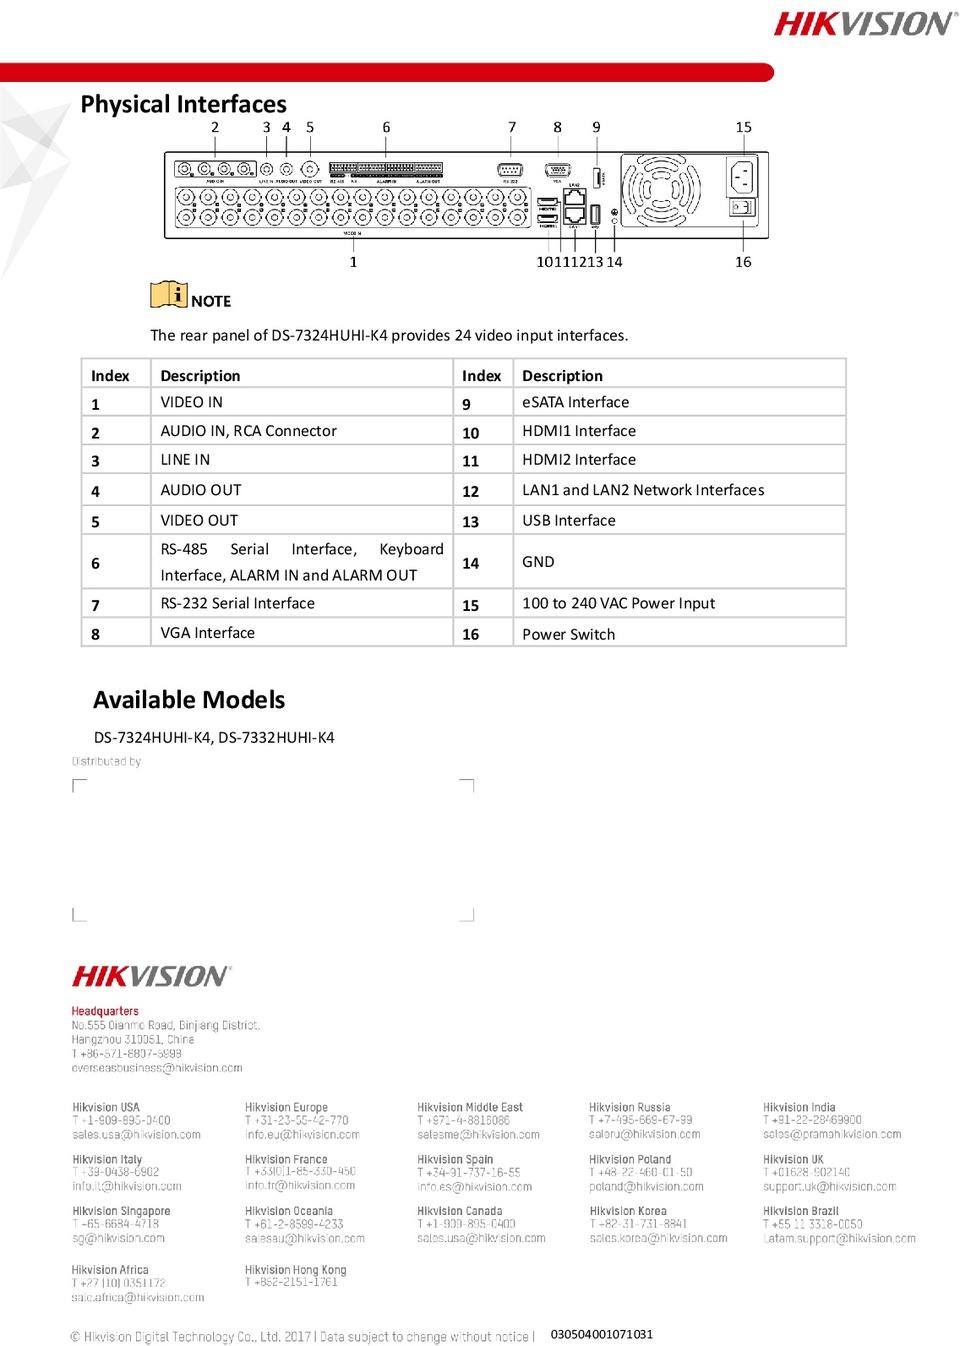 hikvision ds-7332huhi-k4 32ch hd-tvi dvr